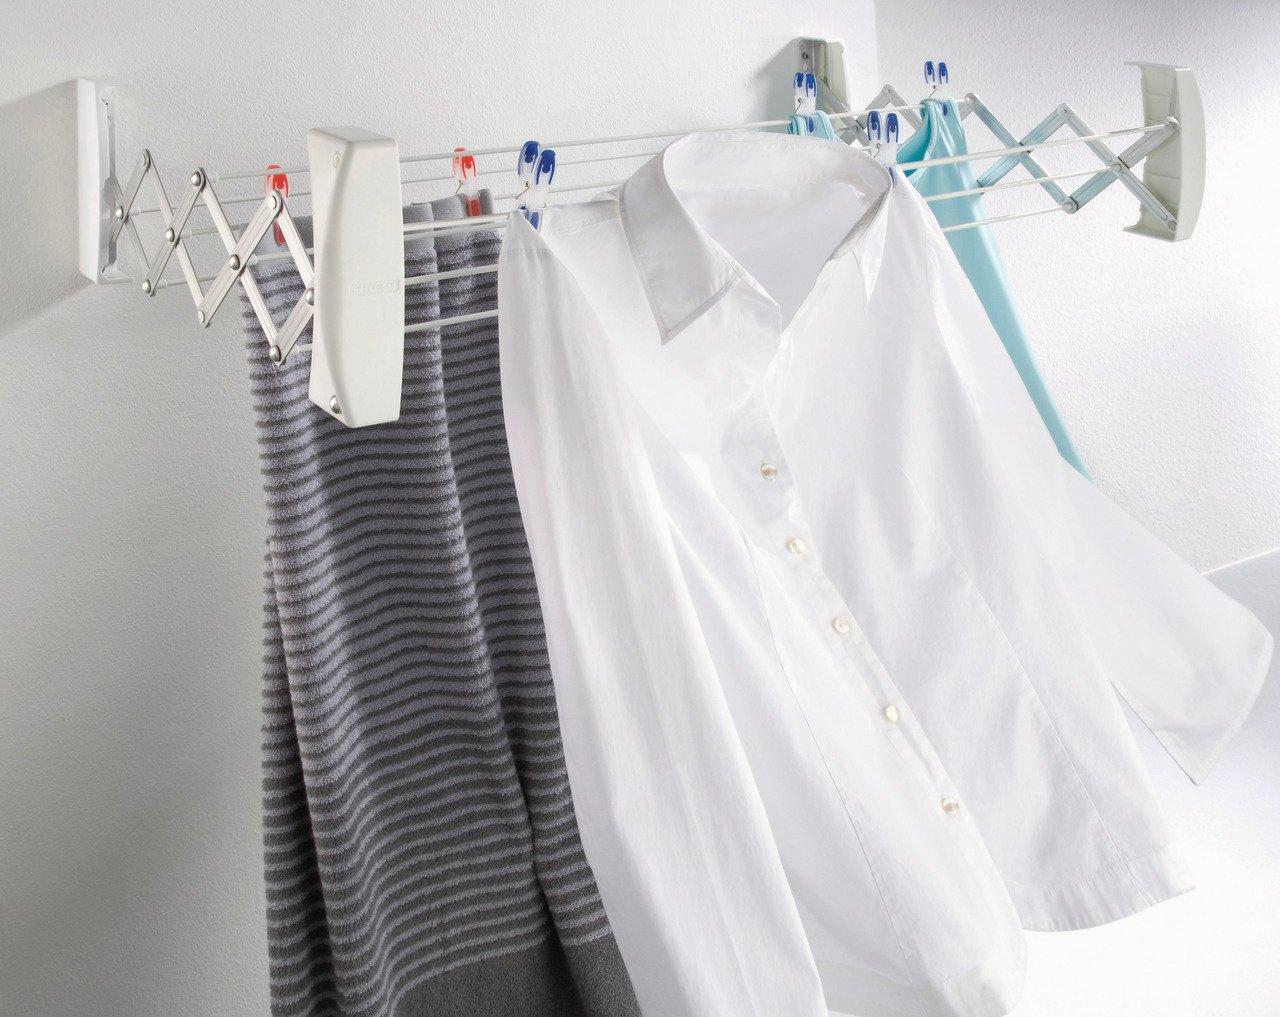 Tørking av klær